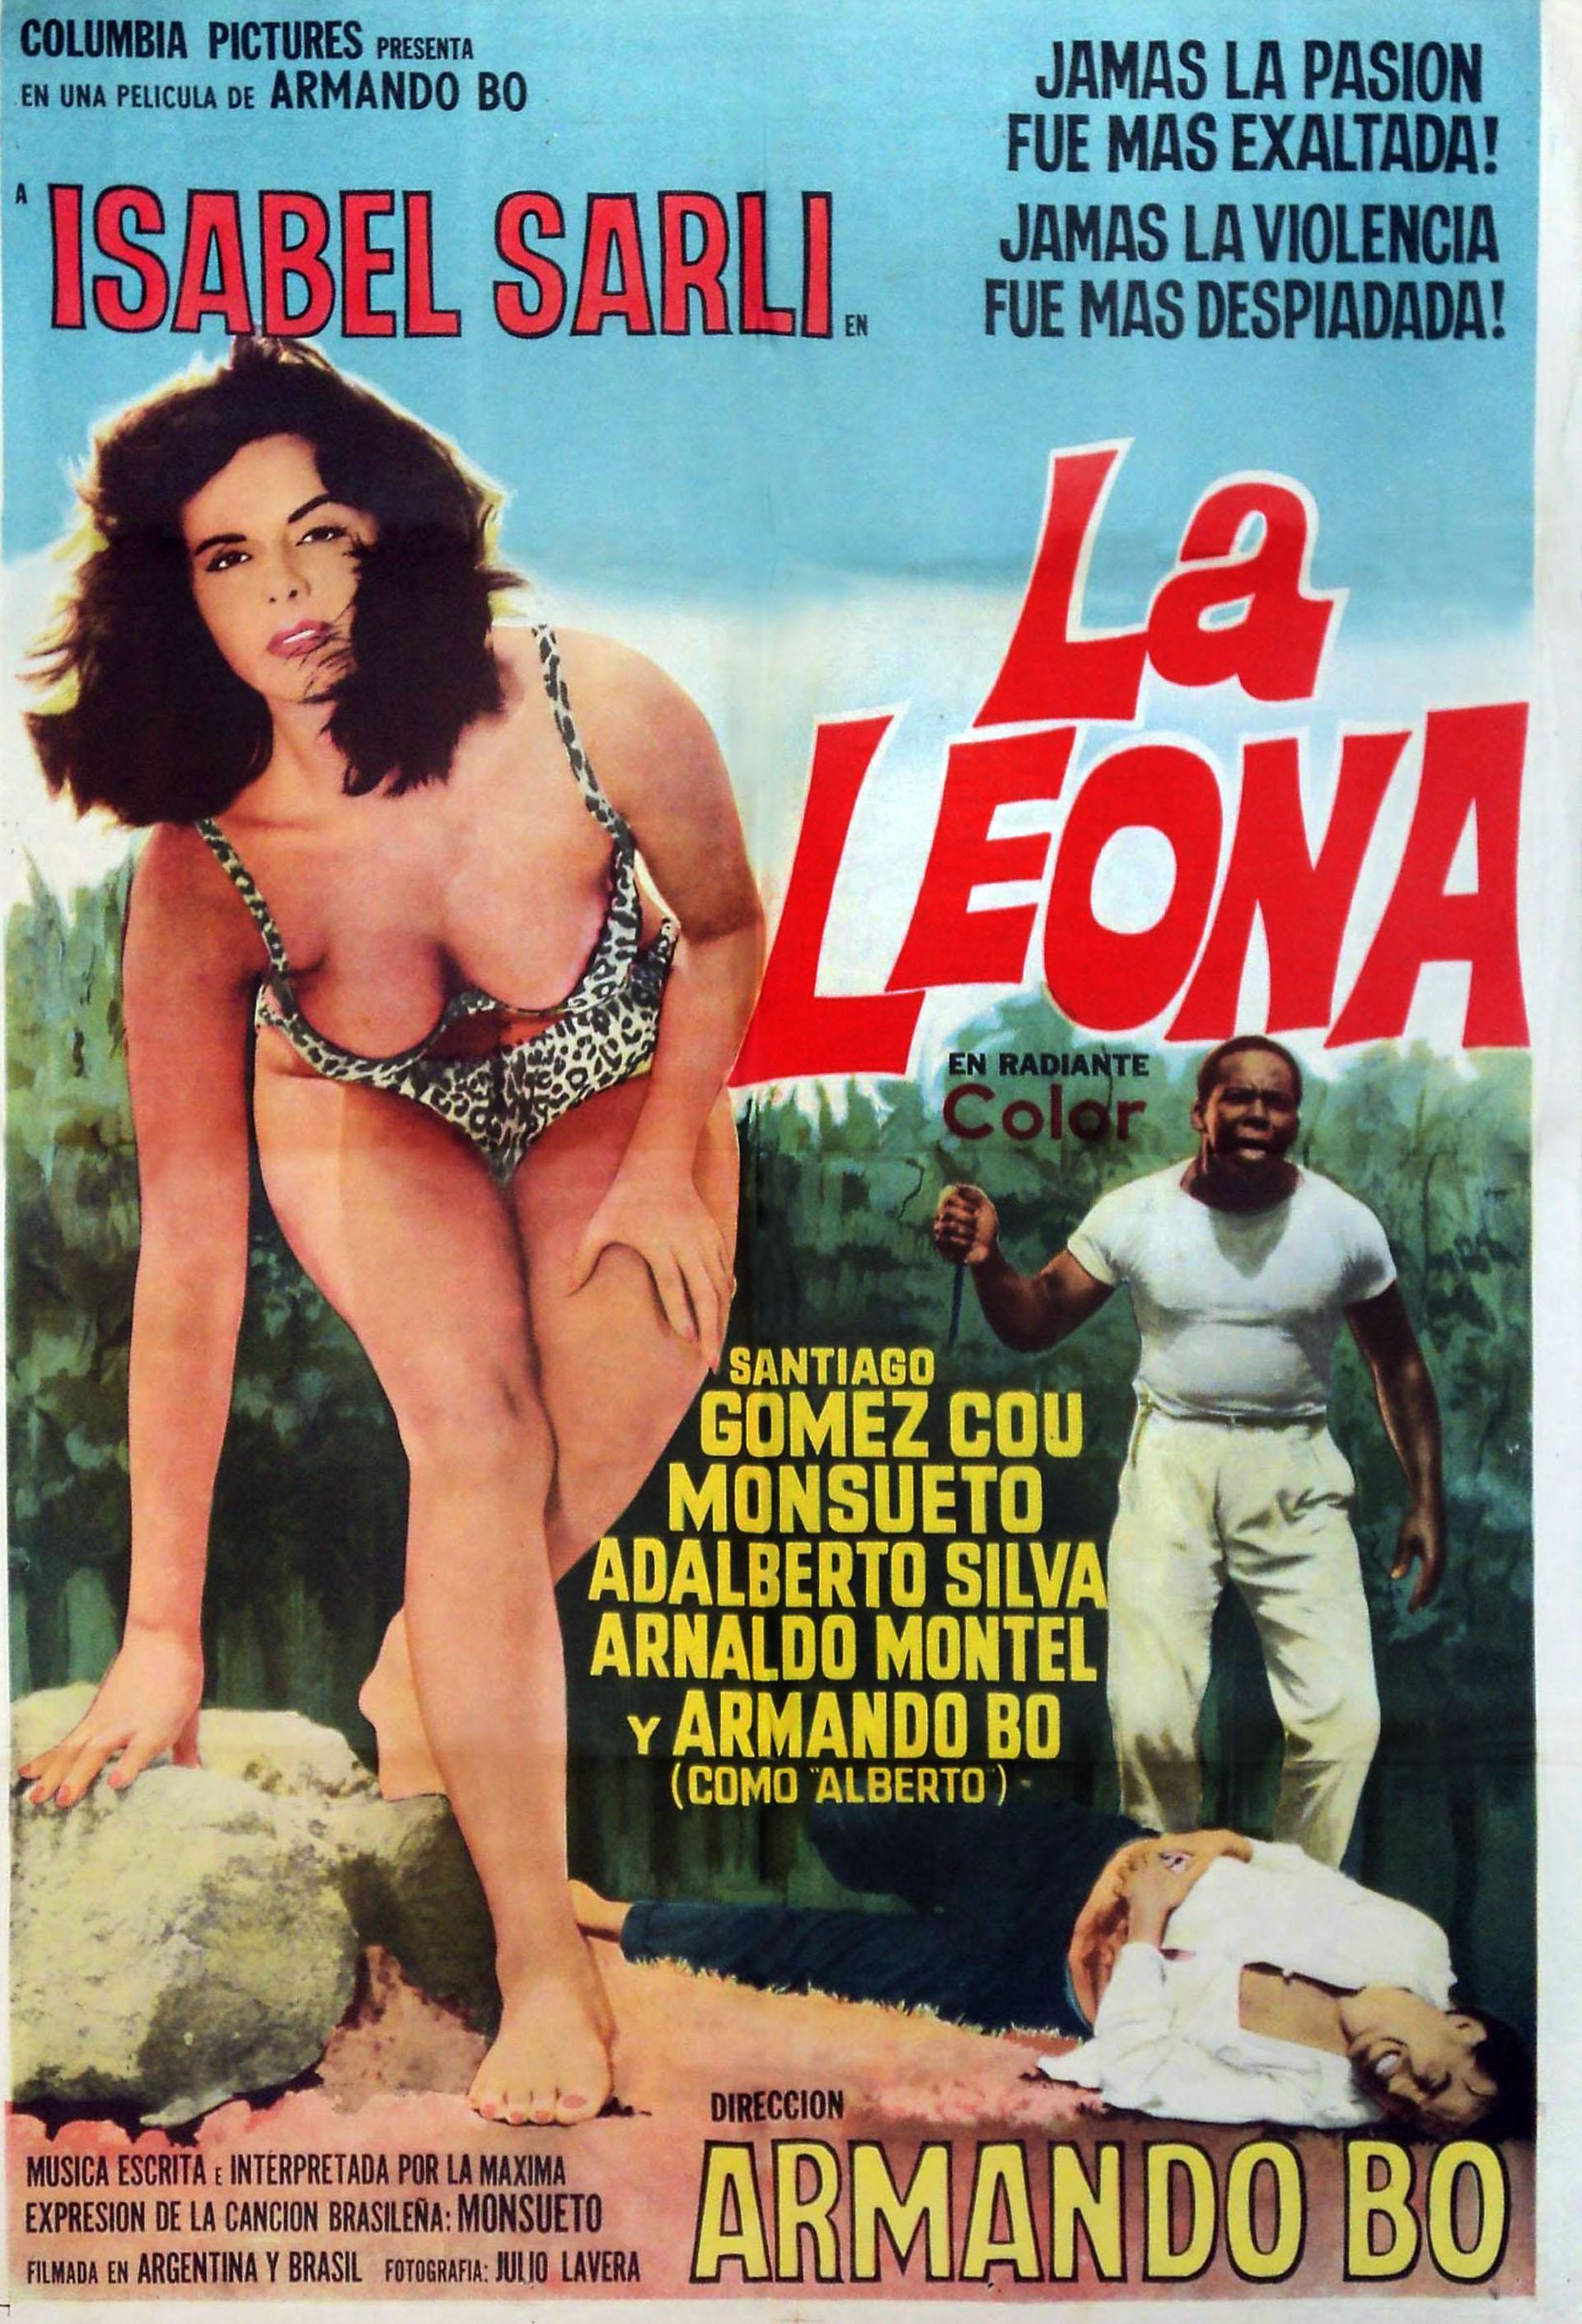 En 1964 la Coca hizo también en co producción con Brasil y con dirección de Bó, La Leona. El elenco lo completaron Santiago Gómez Cou, Menezes Monsueto y Adalberto Silva